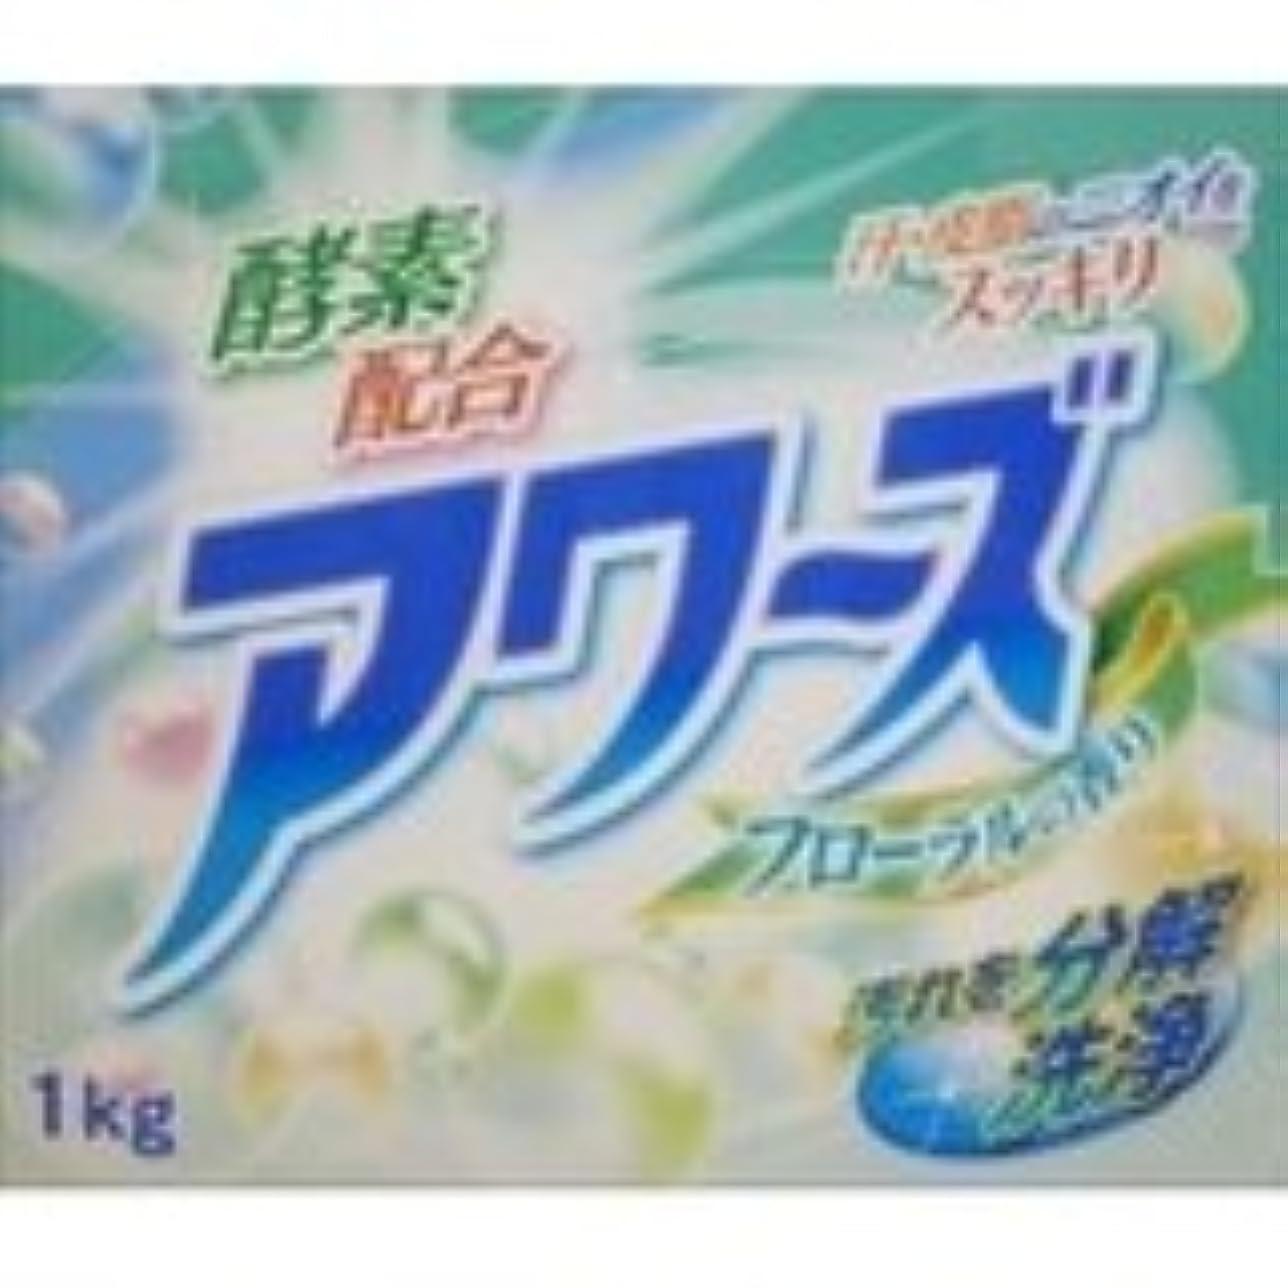 深遠追放するシュリンクロケット石鹸:薬用ハンドソープ メディキュッ 大型詰替用 1000ml×12本 4571113800642